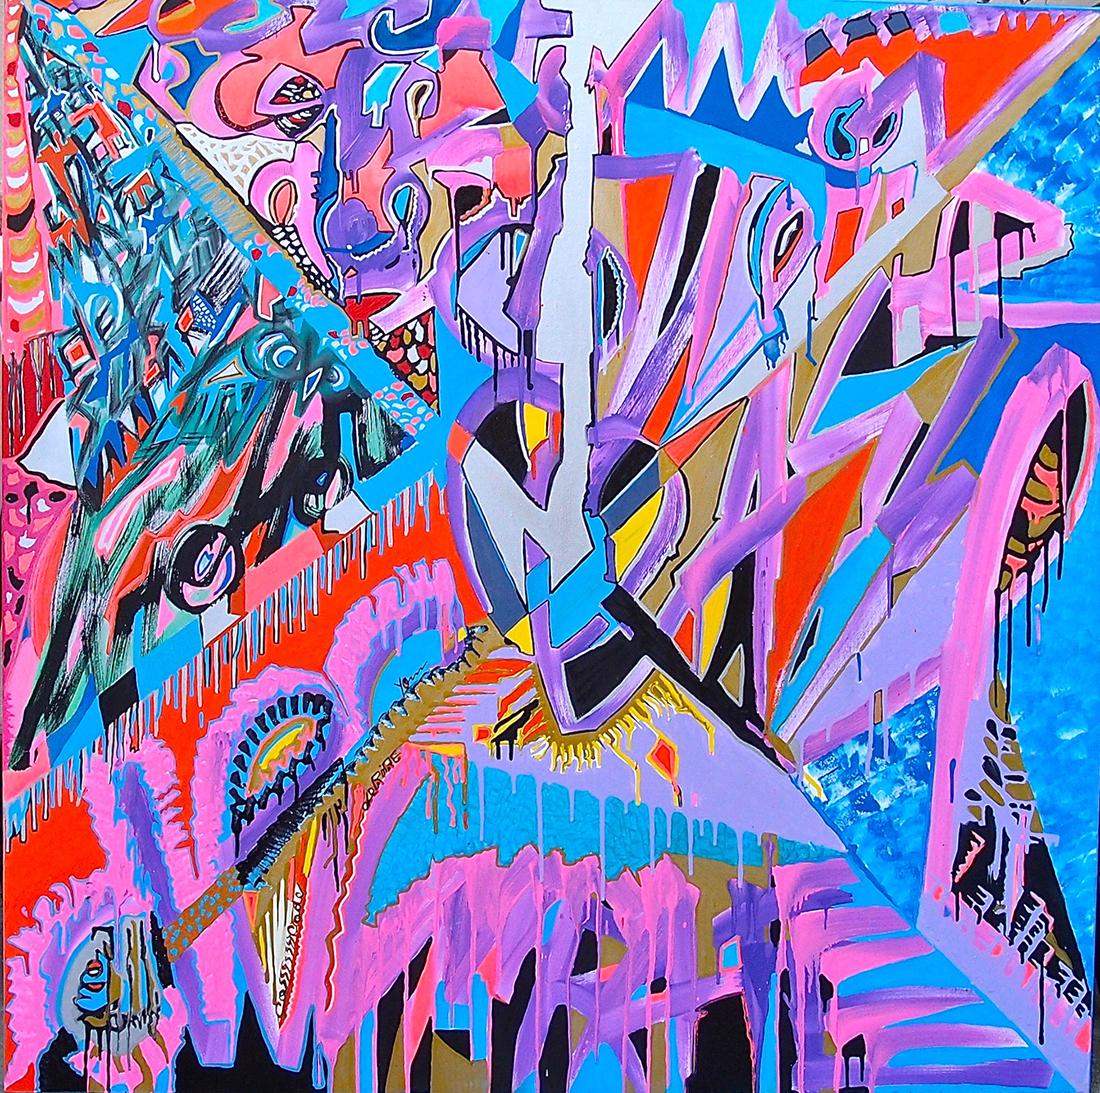 Shooting at vampires - 100x100cm peinture graffiti art tag 2014 - Dimension Fantasmic